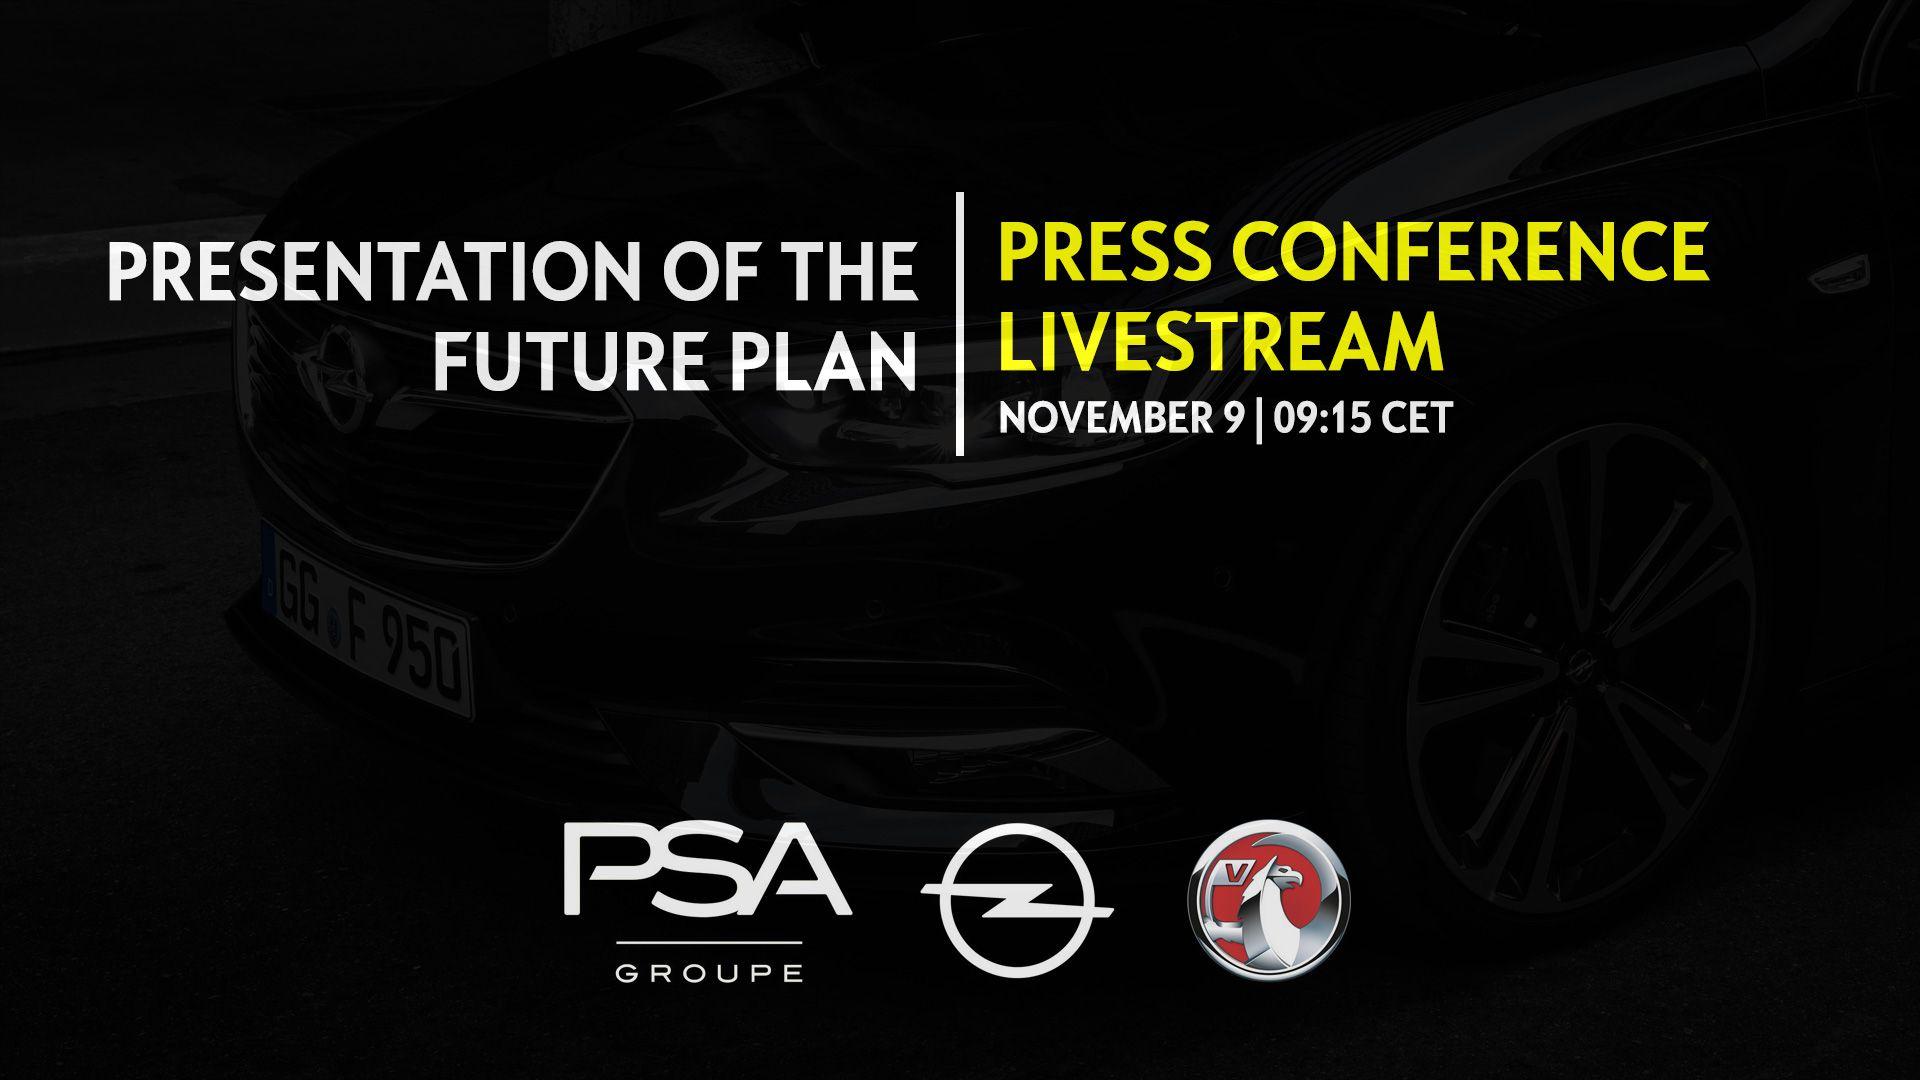 Opel/Vauxhall presenta su Plan de Futuro a través de Livestream